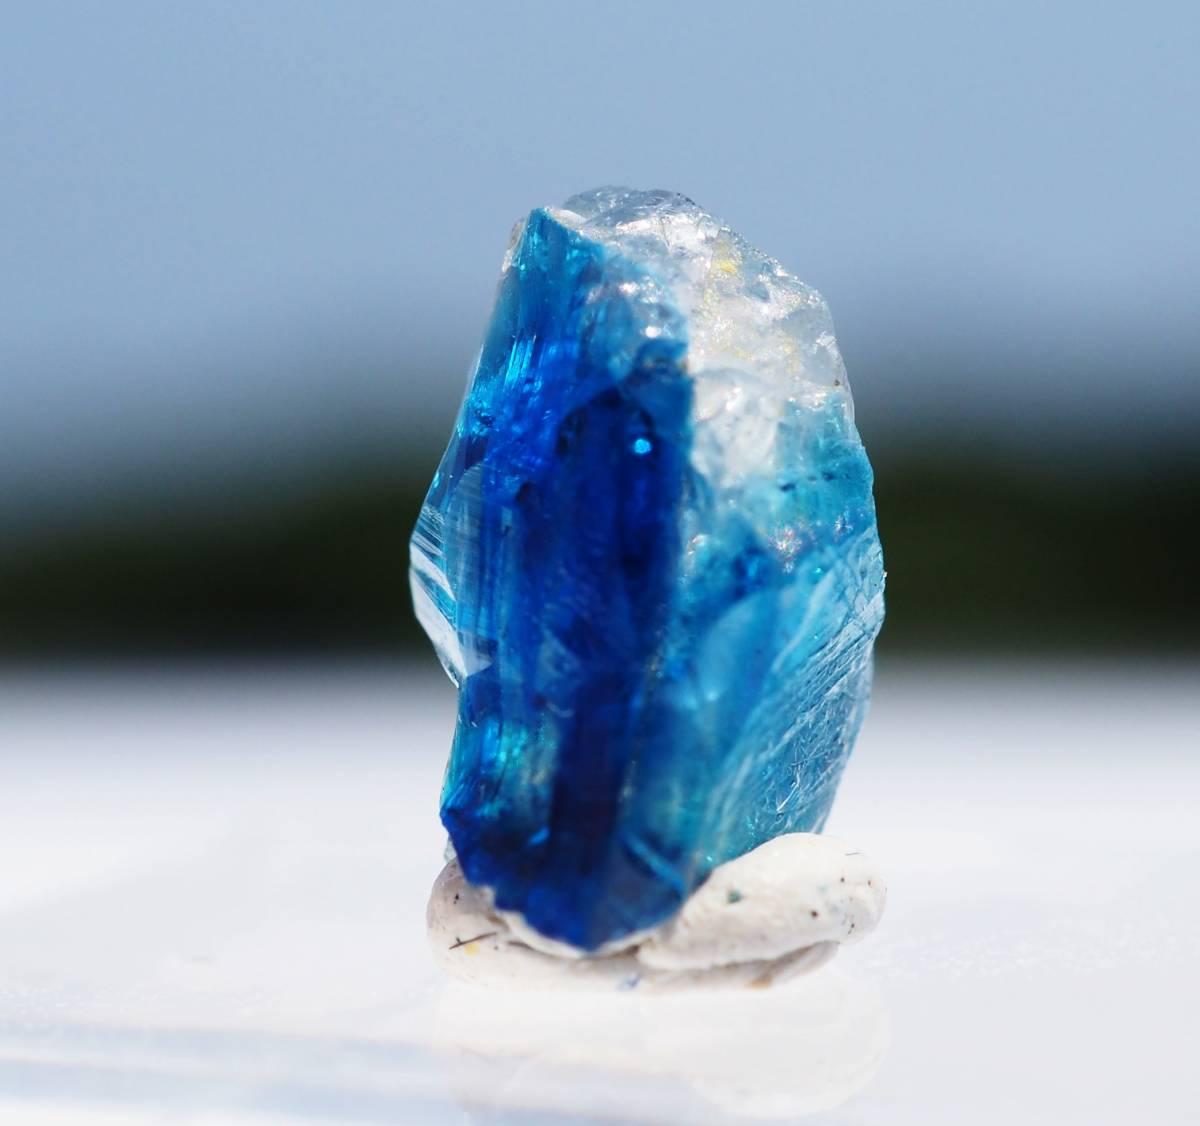 宝石質 ジンバブエ産 ユークレース ハイグレード 深く透明なブルーライン_画像7